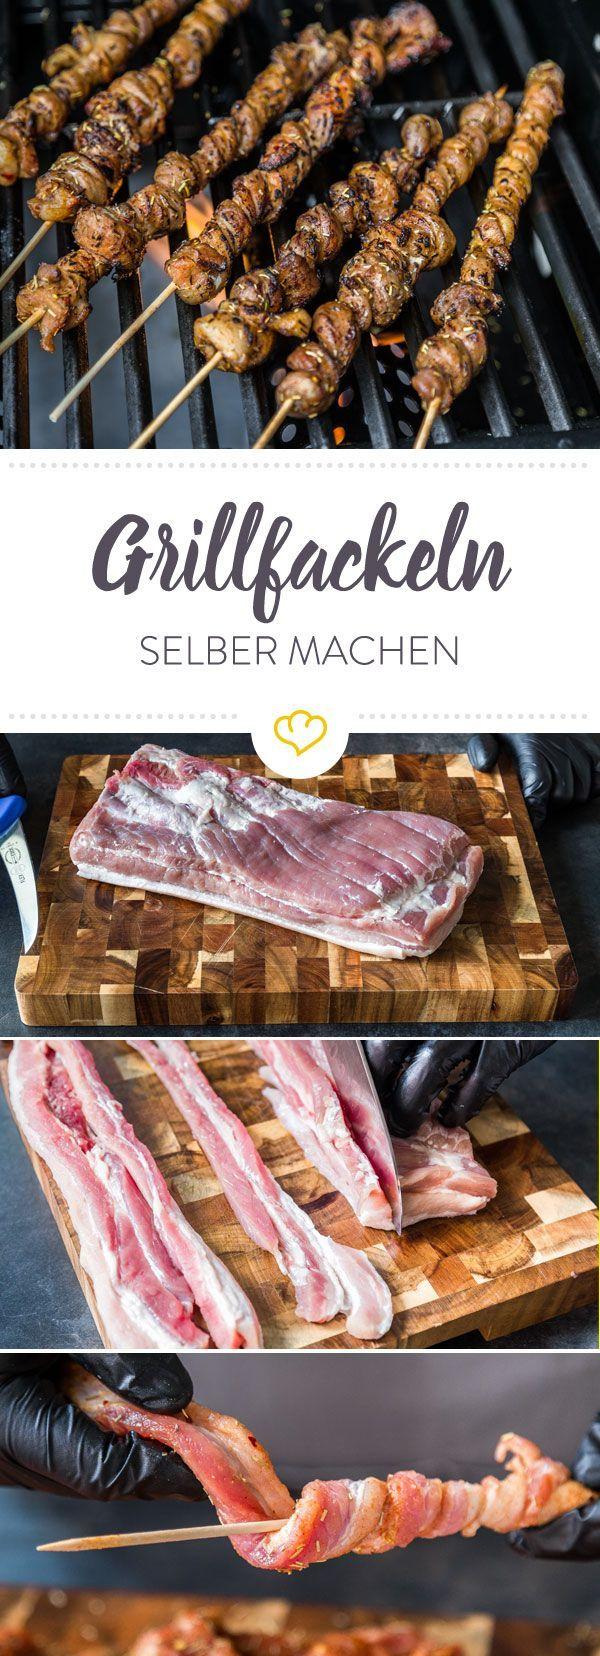 grillfackeln selber machen rezept fisch fleisch rezepte pinterest fackeln d nn und deins. Black Bedroom Furniture Sets. Home Design Ideas